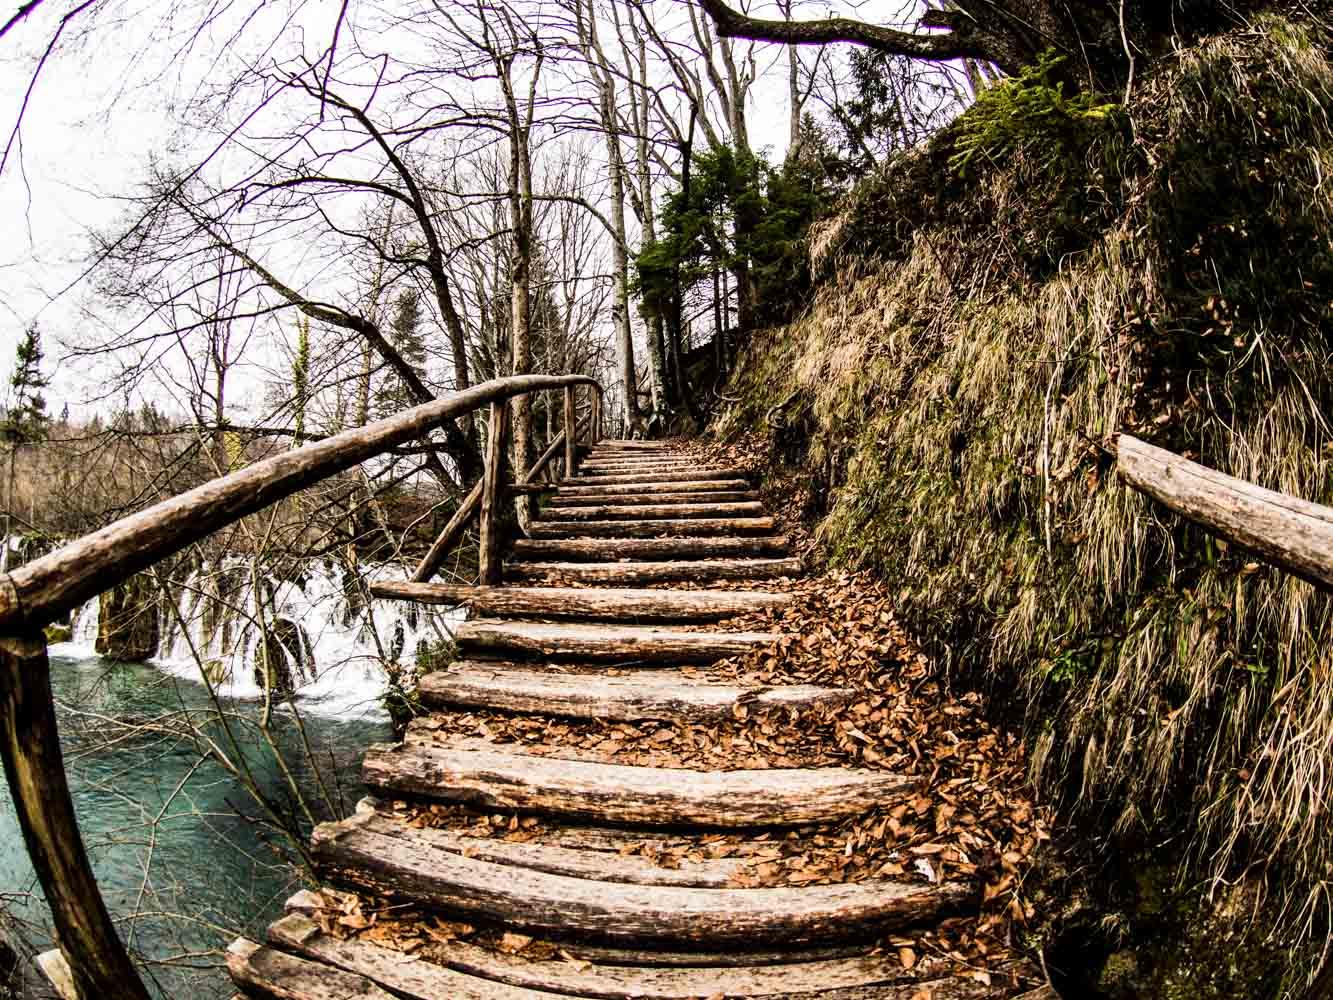 Plitvice_Kroatien_Croatia_Plitvice_jezero-5